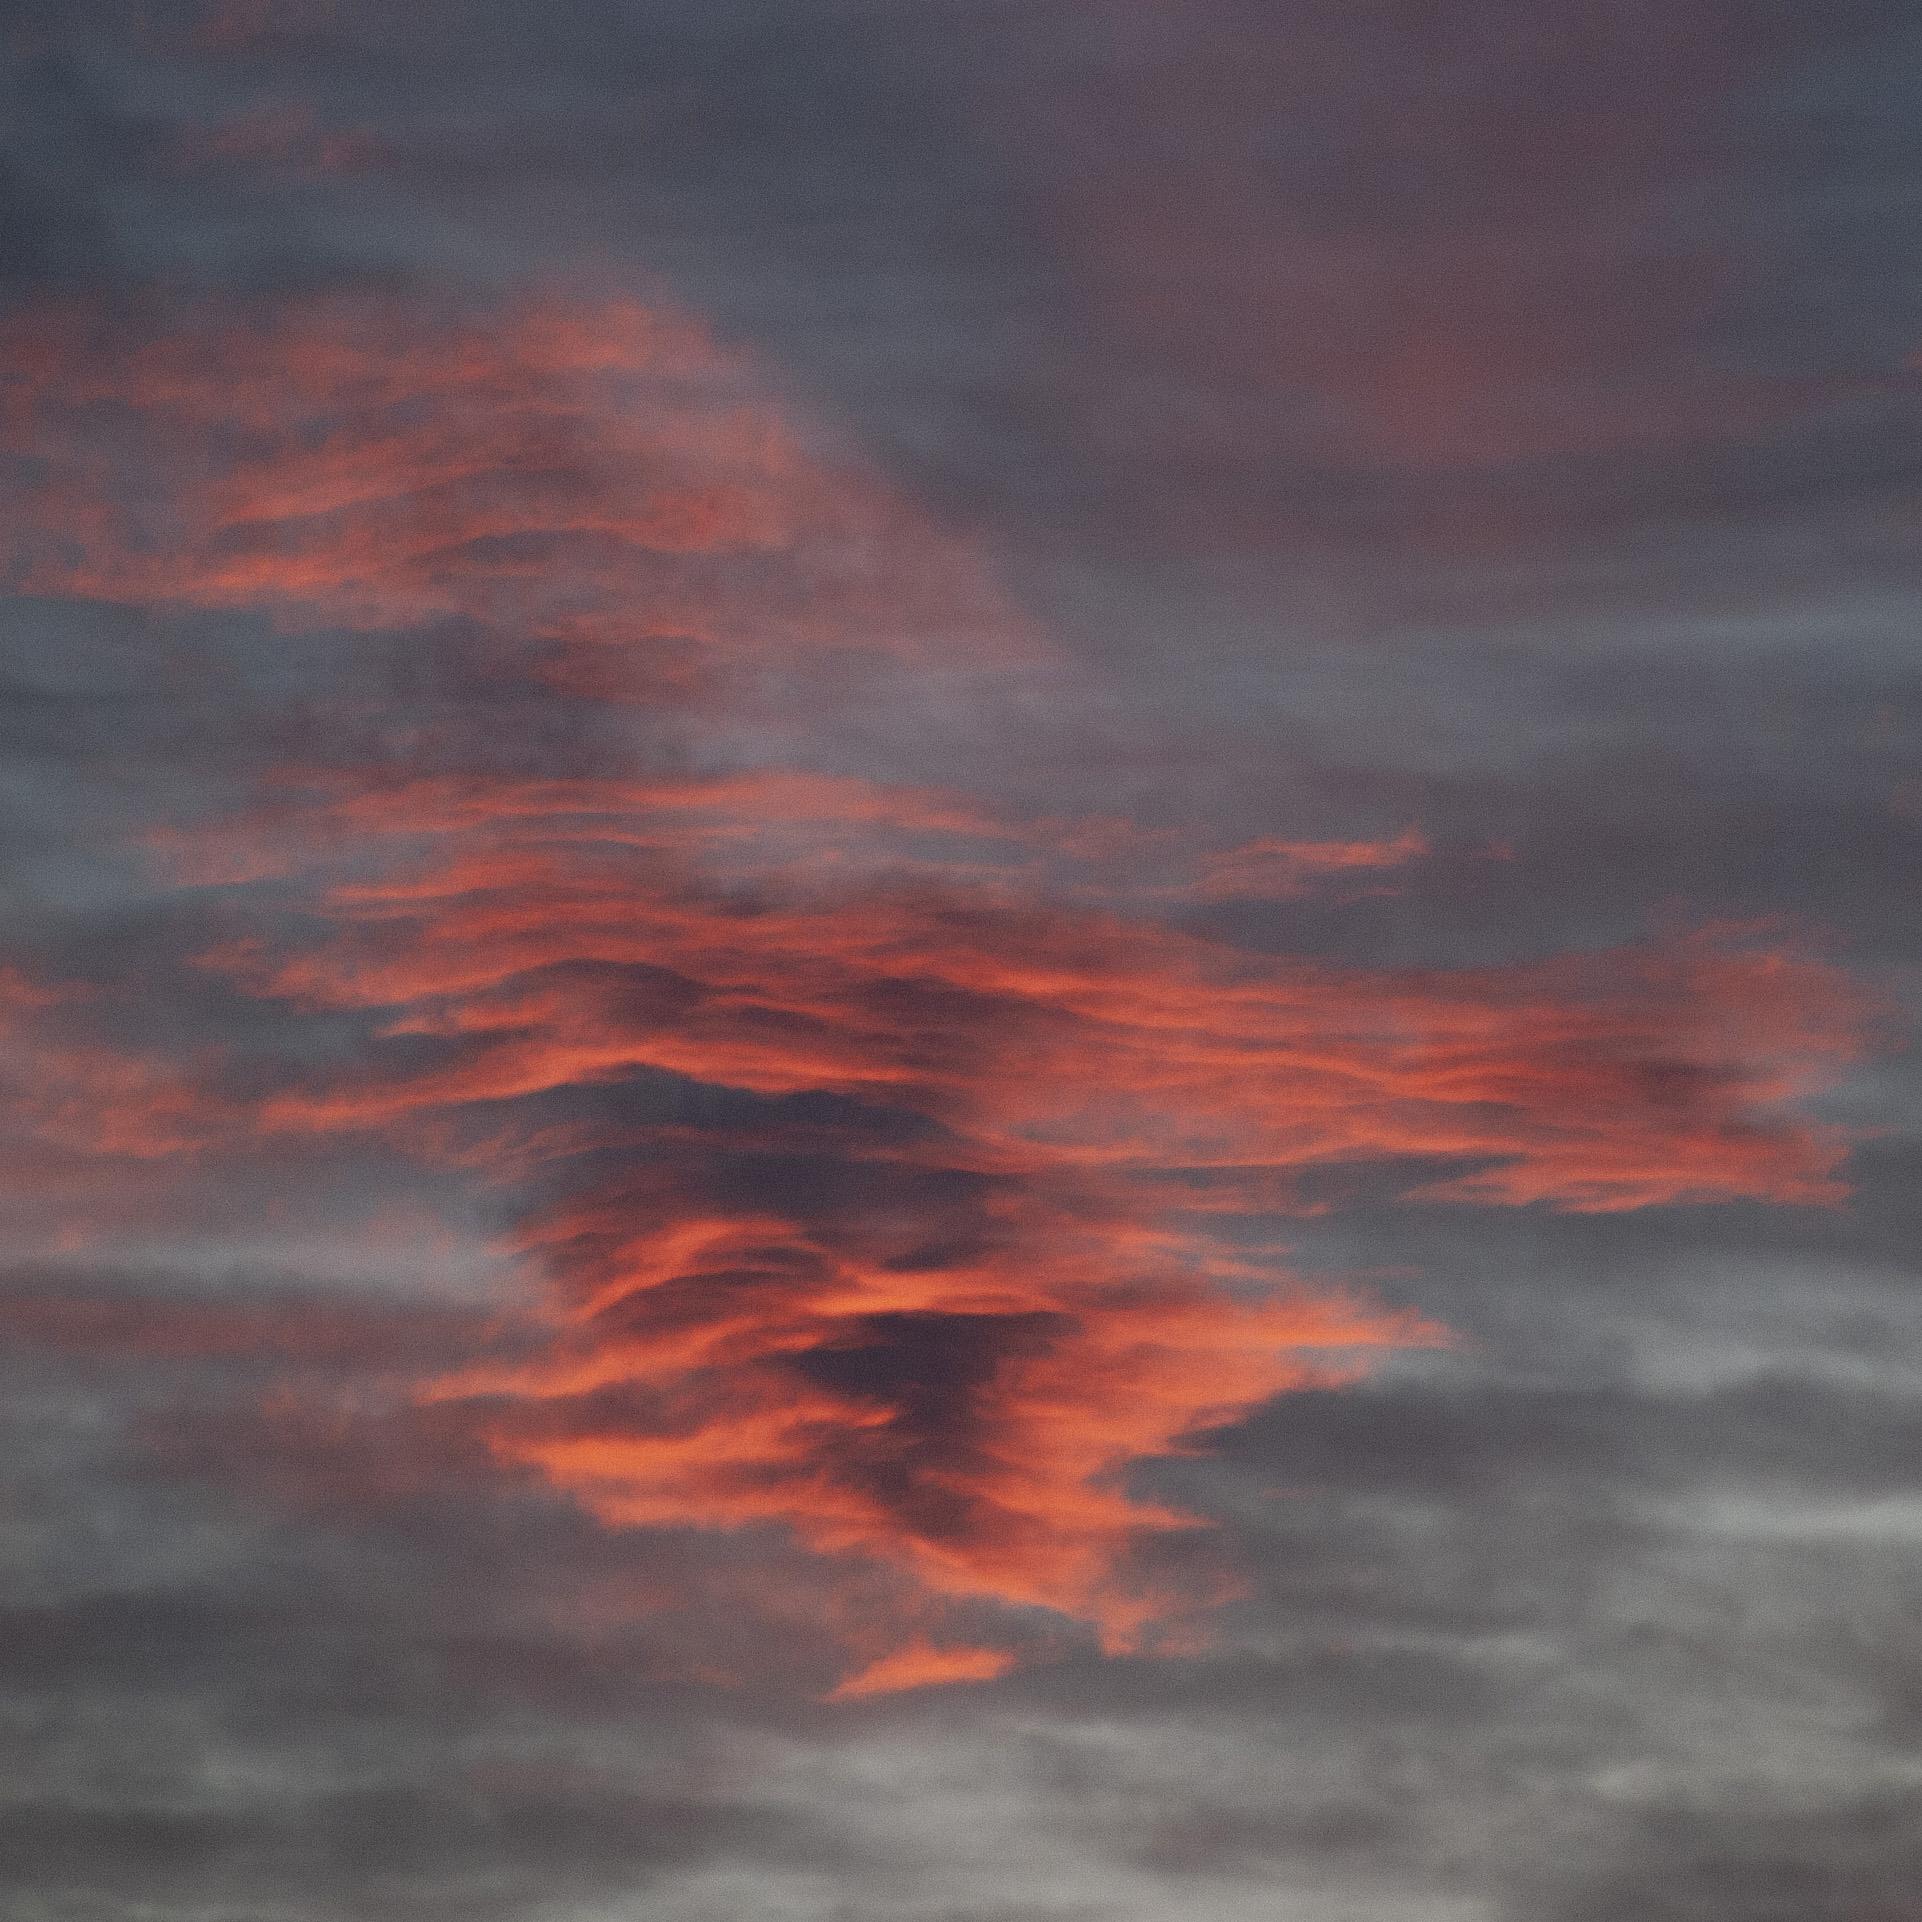 a beautiful orange cloud in a stormy sky